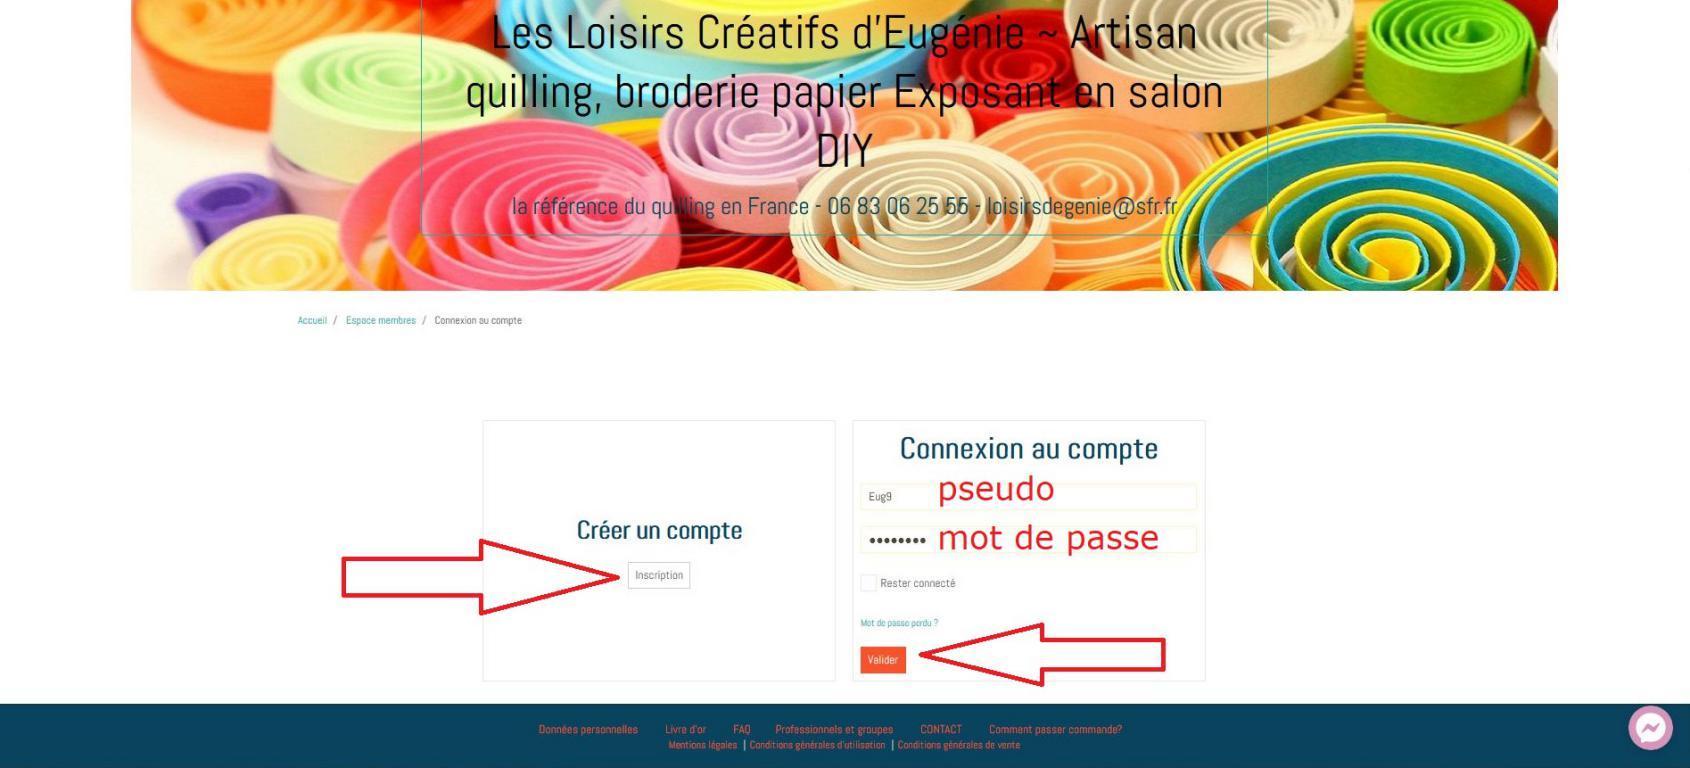 03 creer un compte ou connexion boutique en ligne les loisirs creatifs d eugenie quilling broderie papier